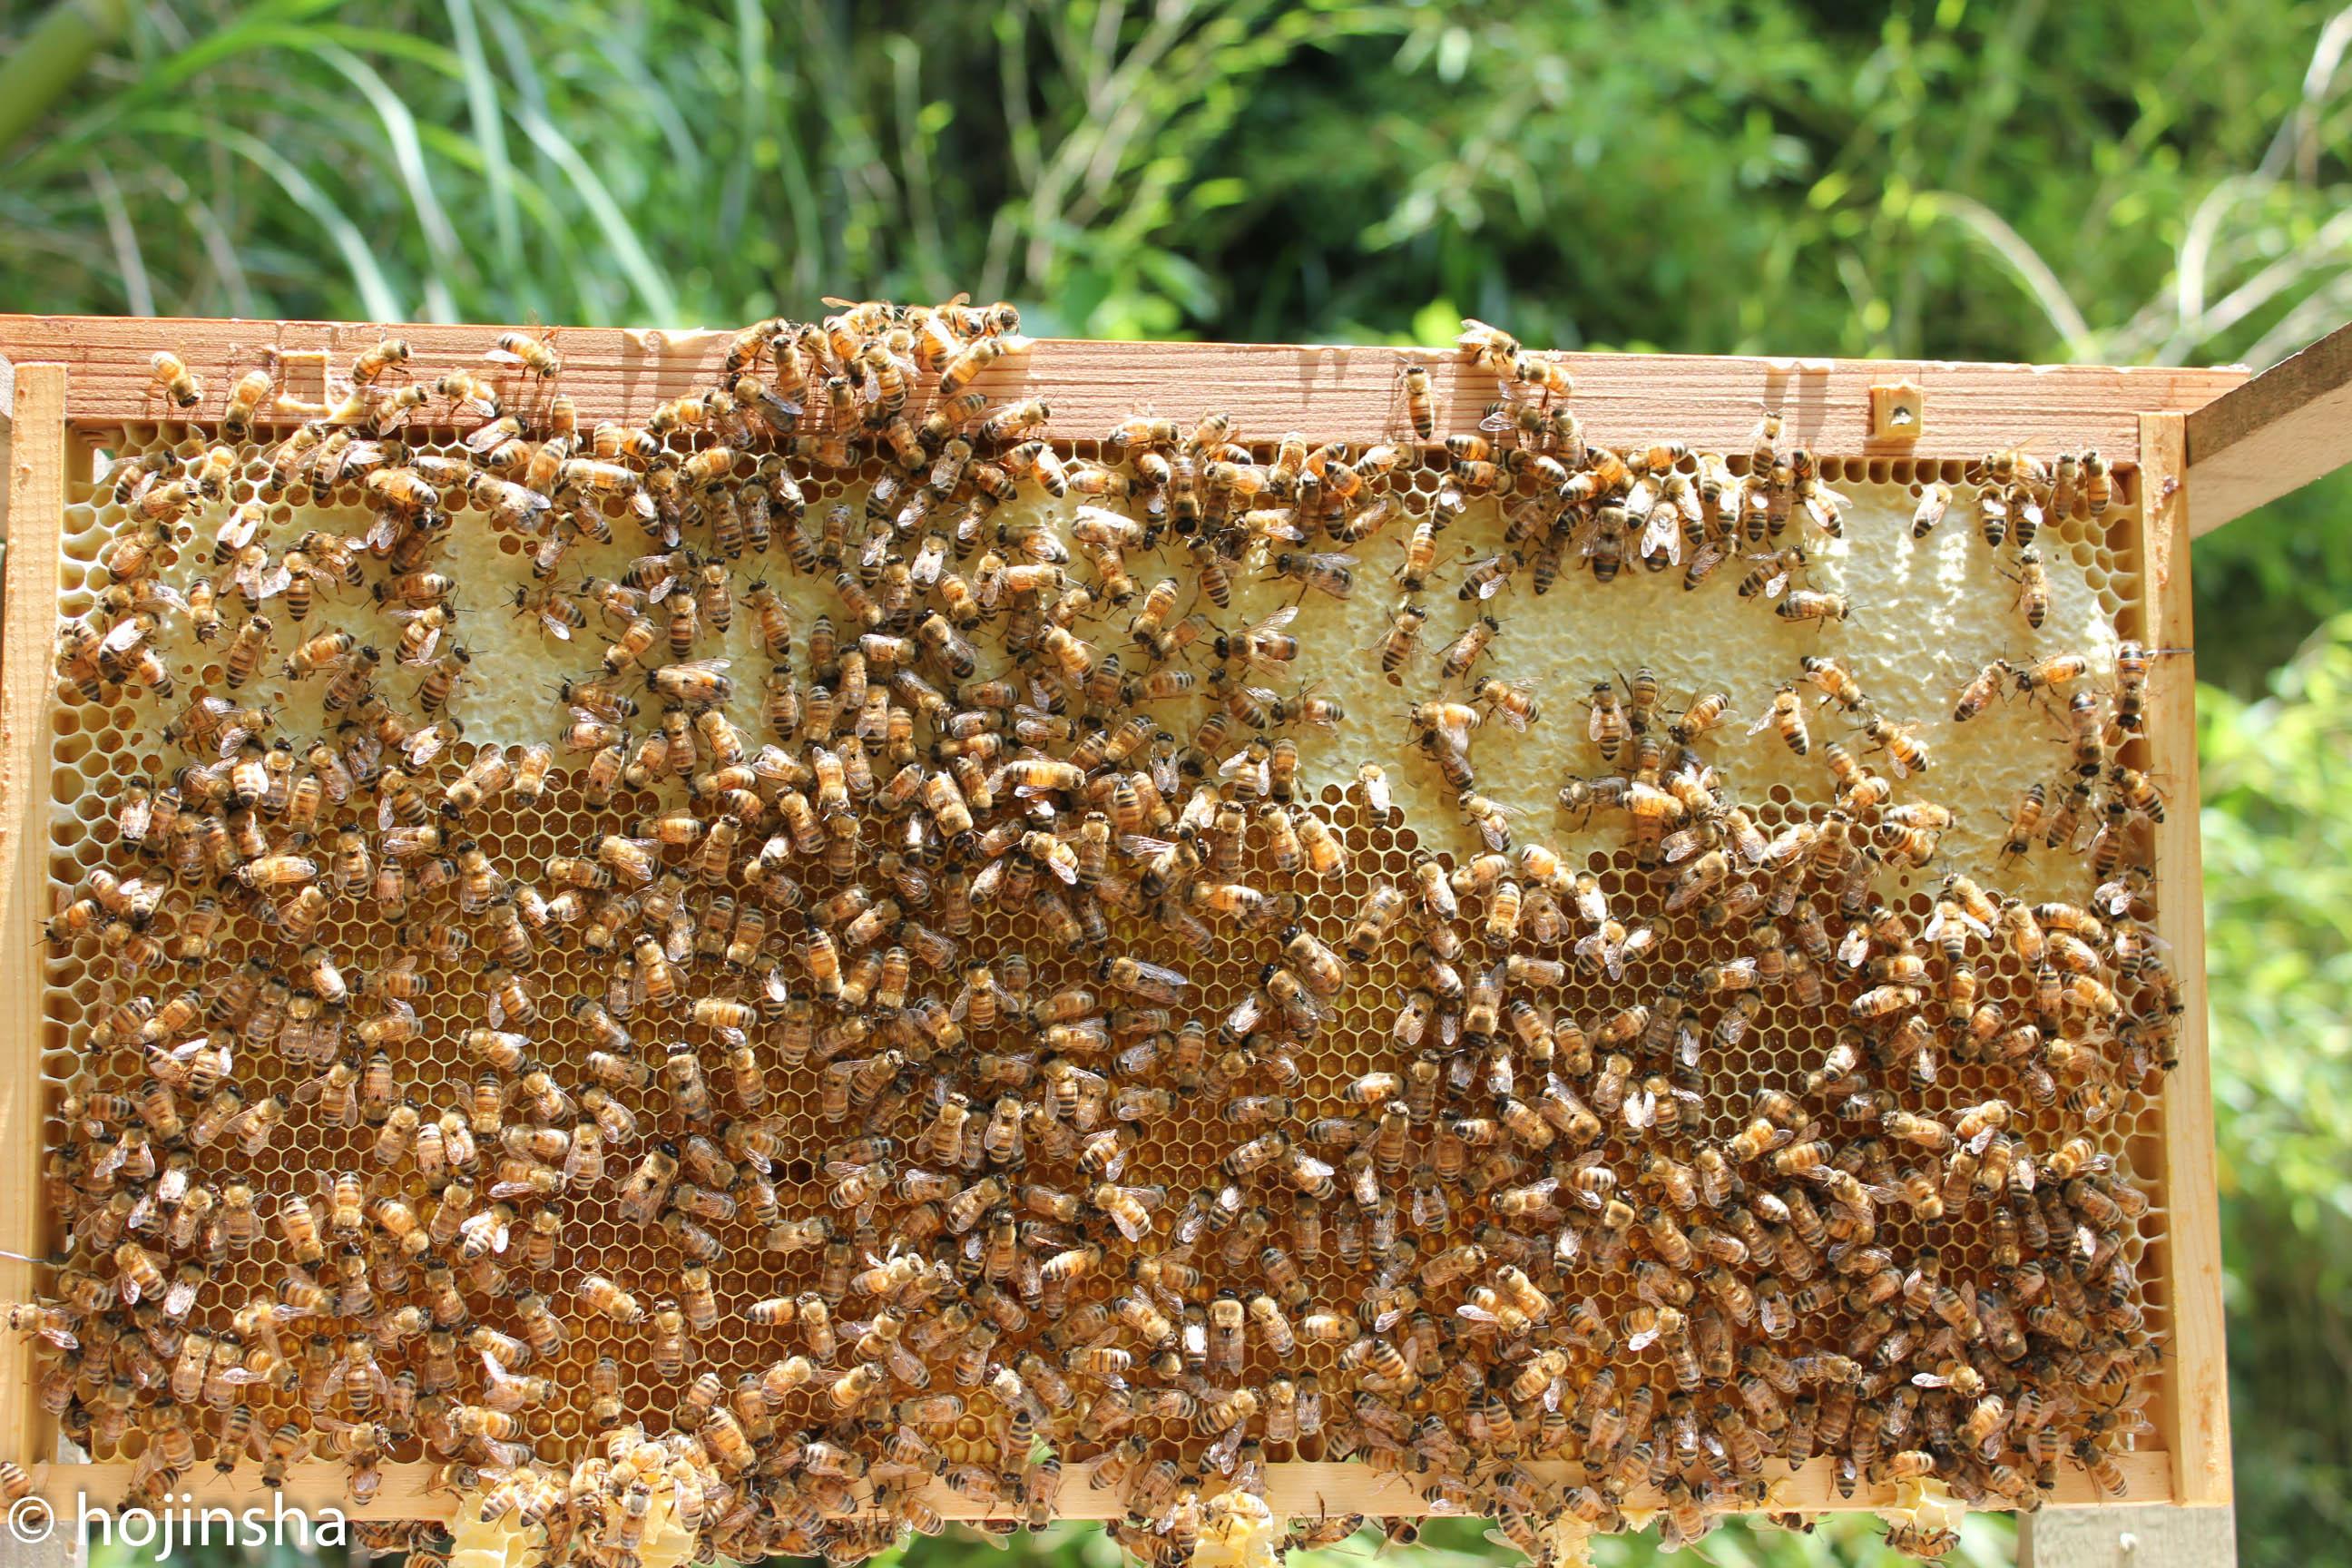 初夏採れ蜜、採蜜しました 間もなく販売開始します